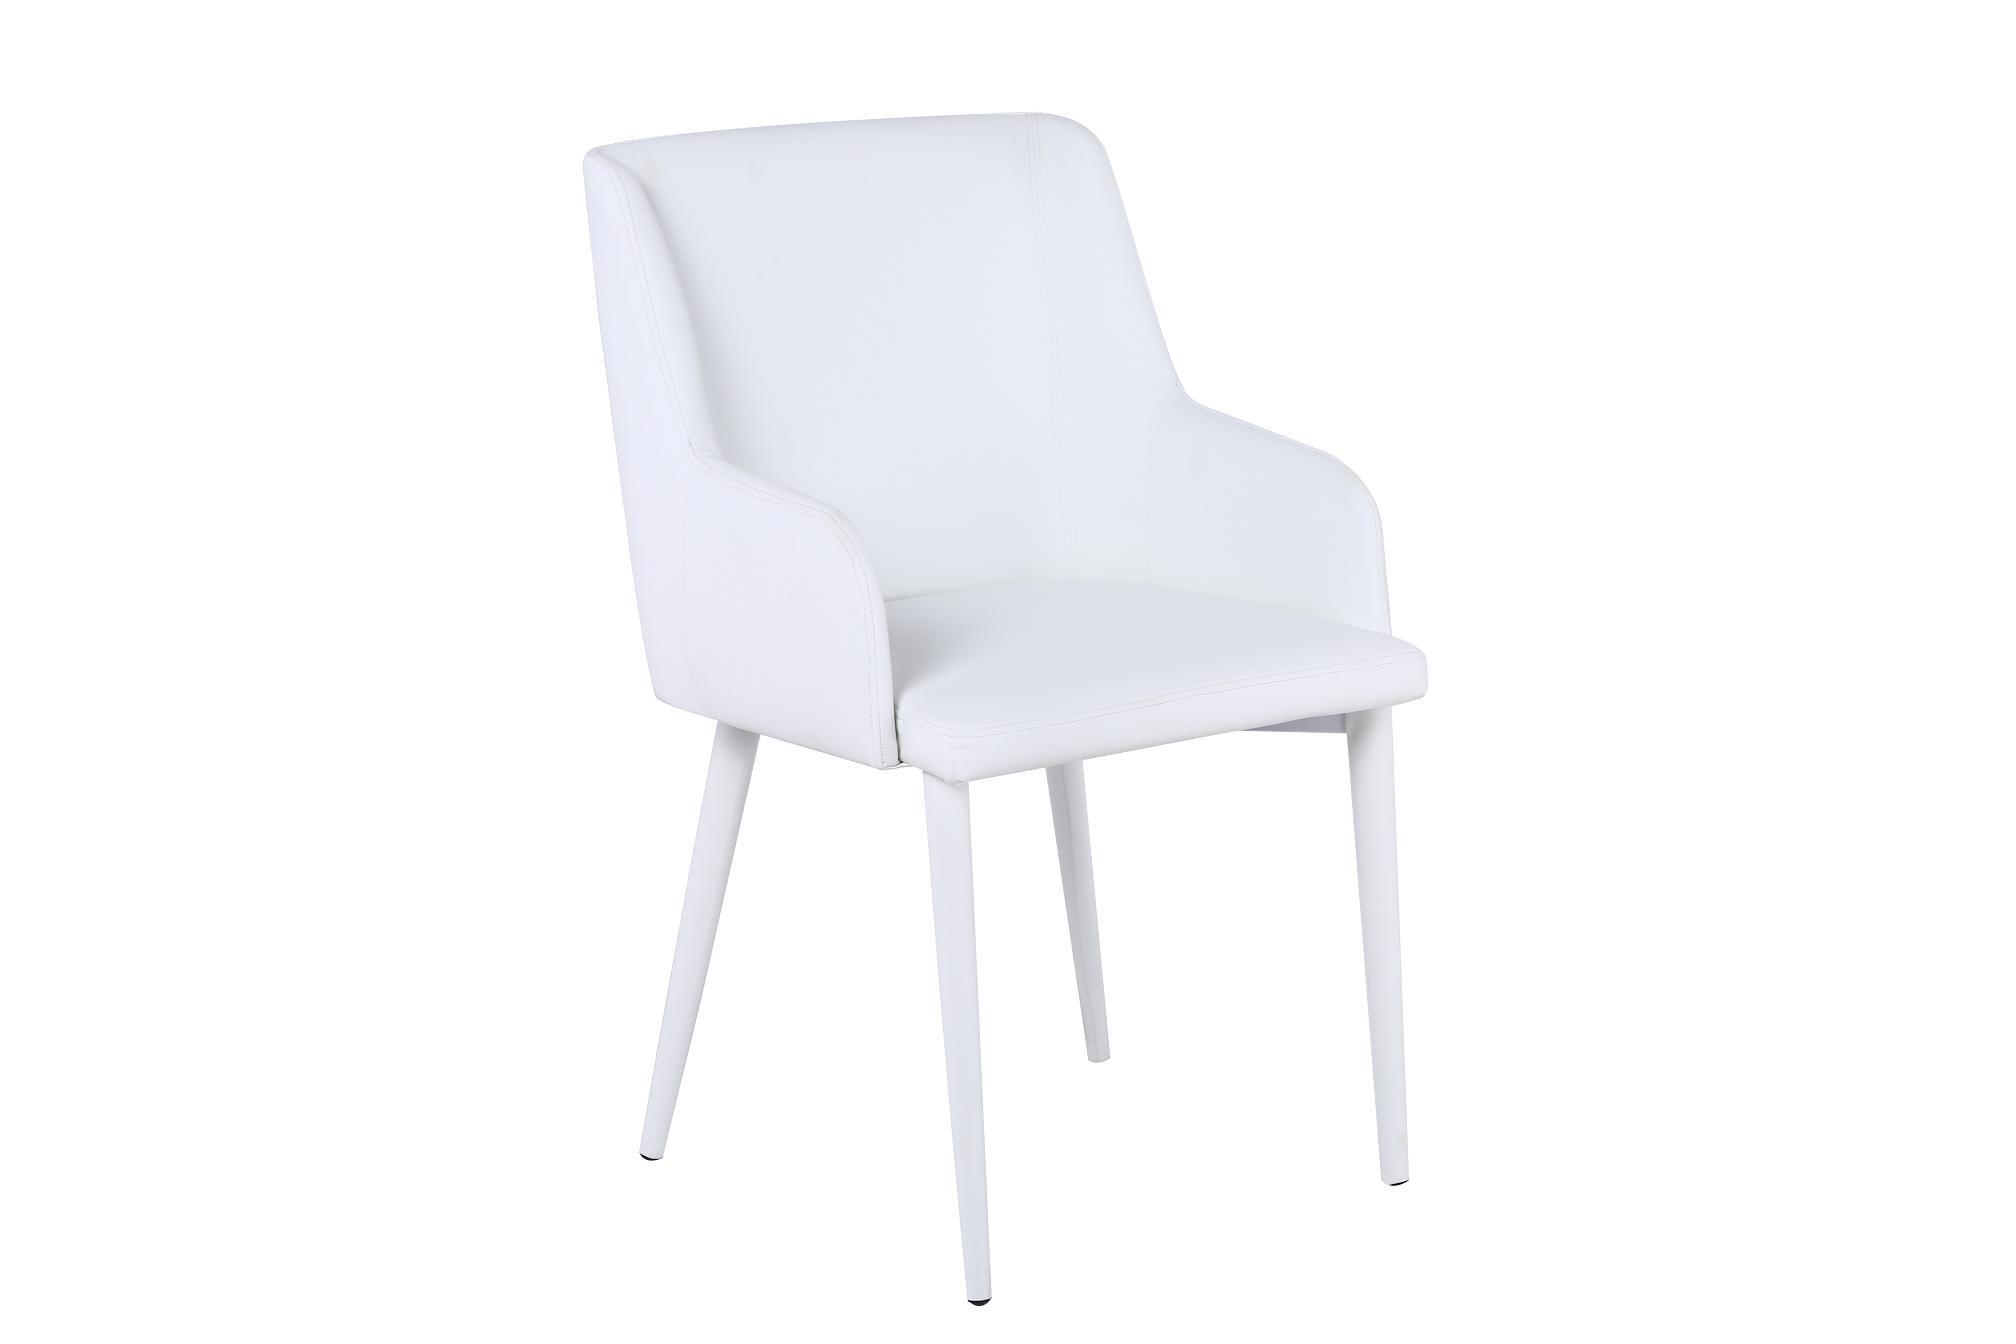 Colecci n de sillas y sillones para interior apartmueble - Sillas y sillones modernos ...